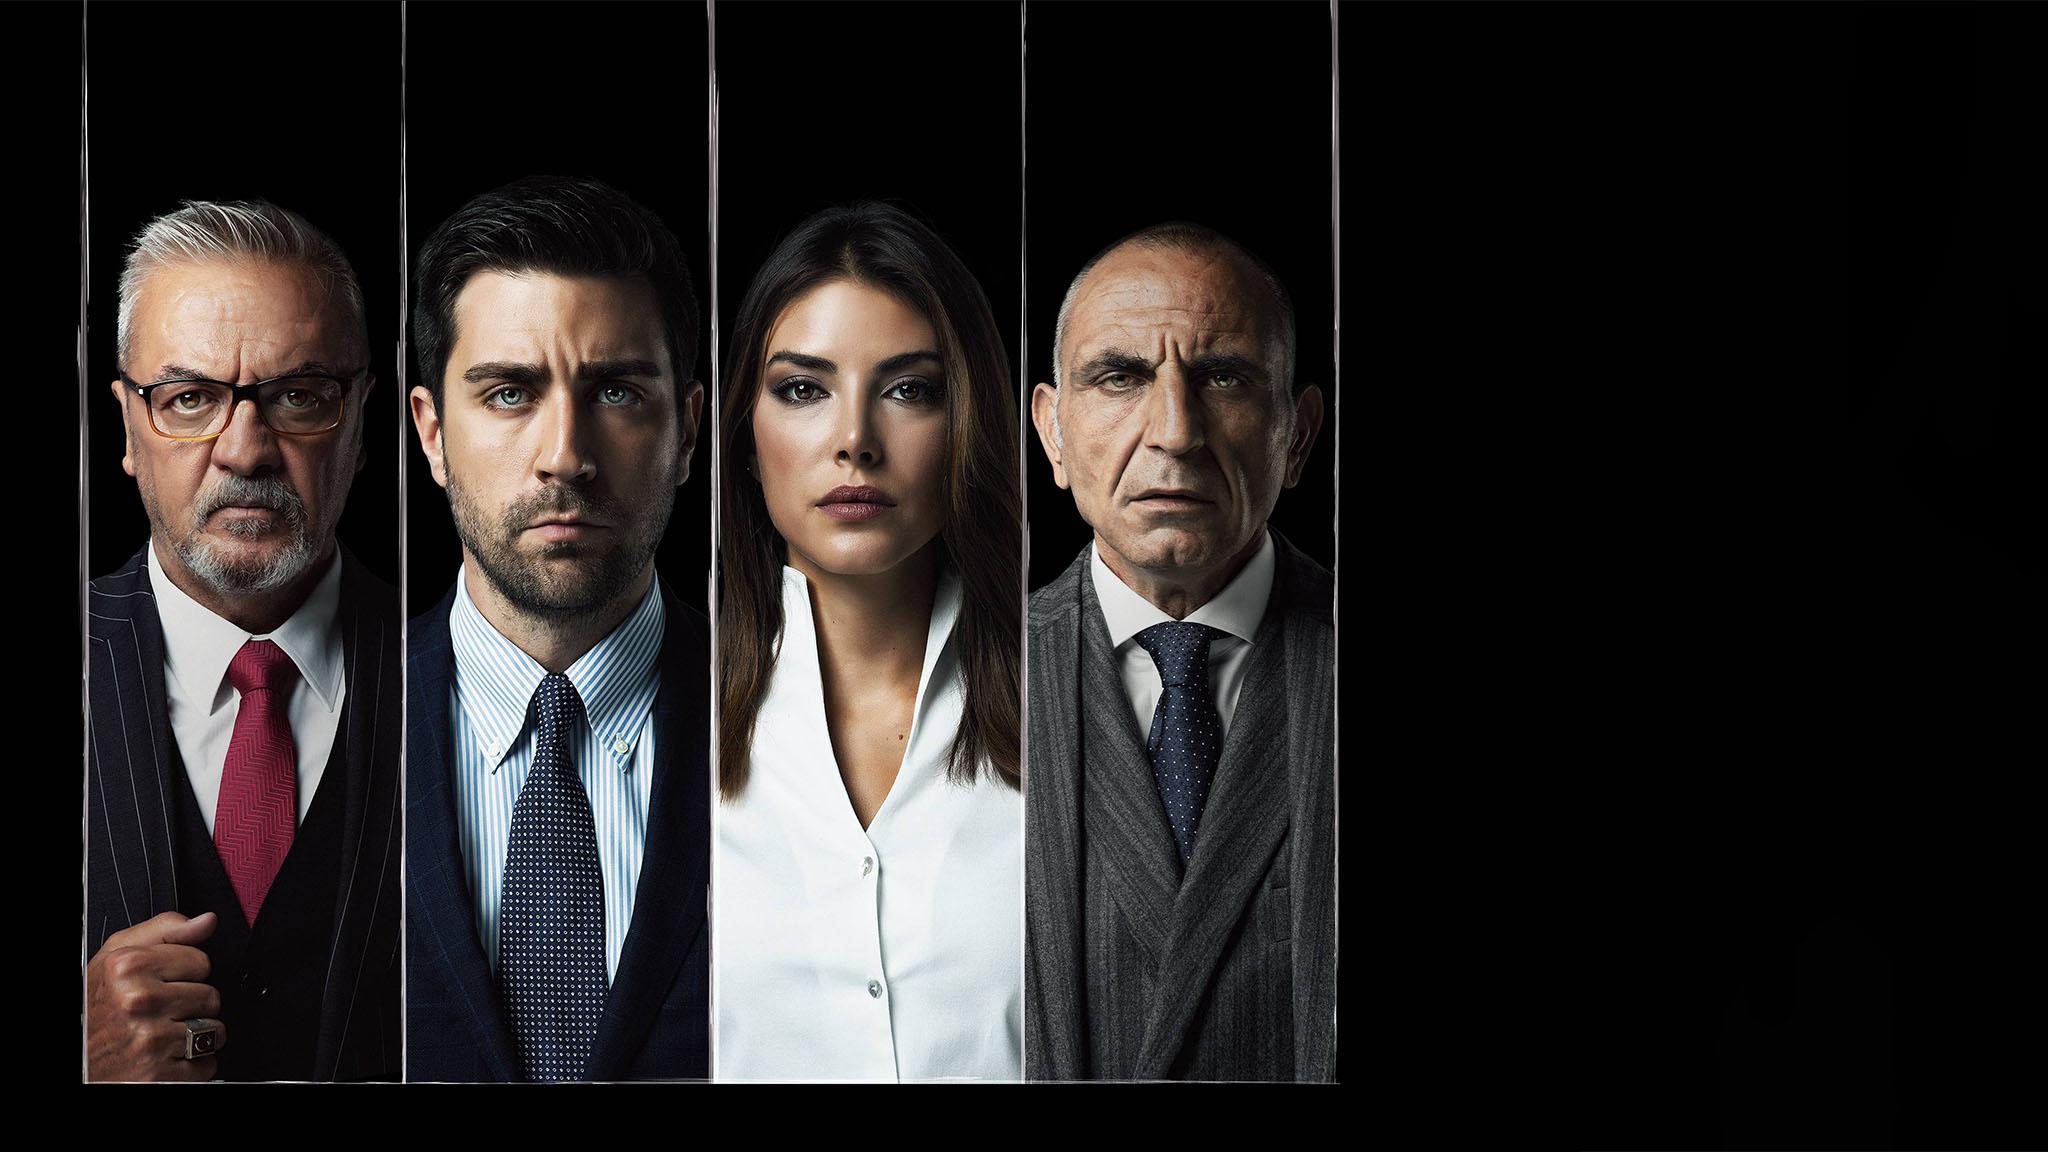 مسلسل المنظمة الموسم الثاني مترجم